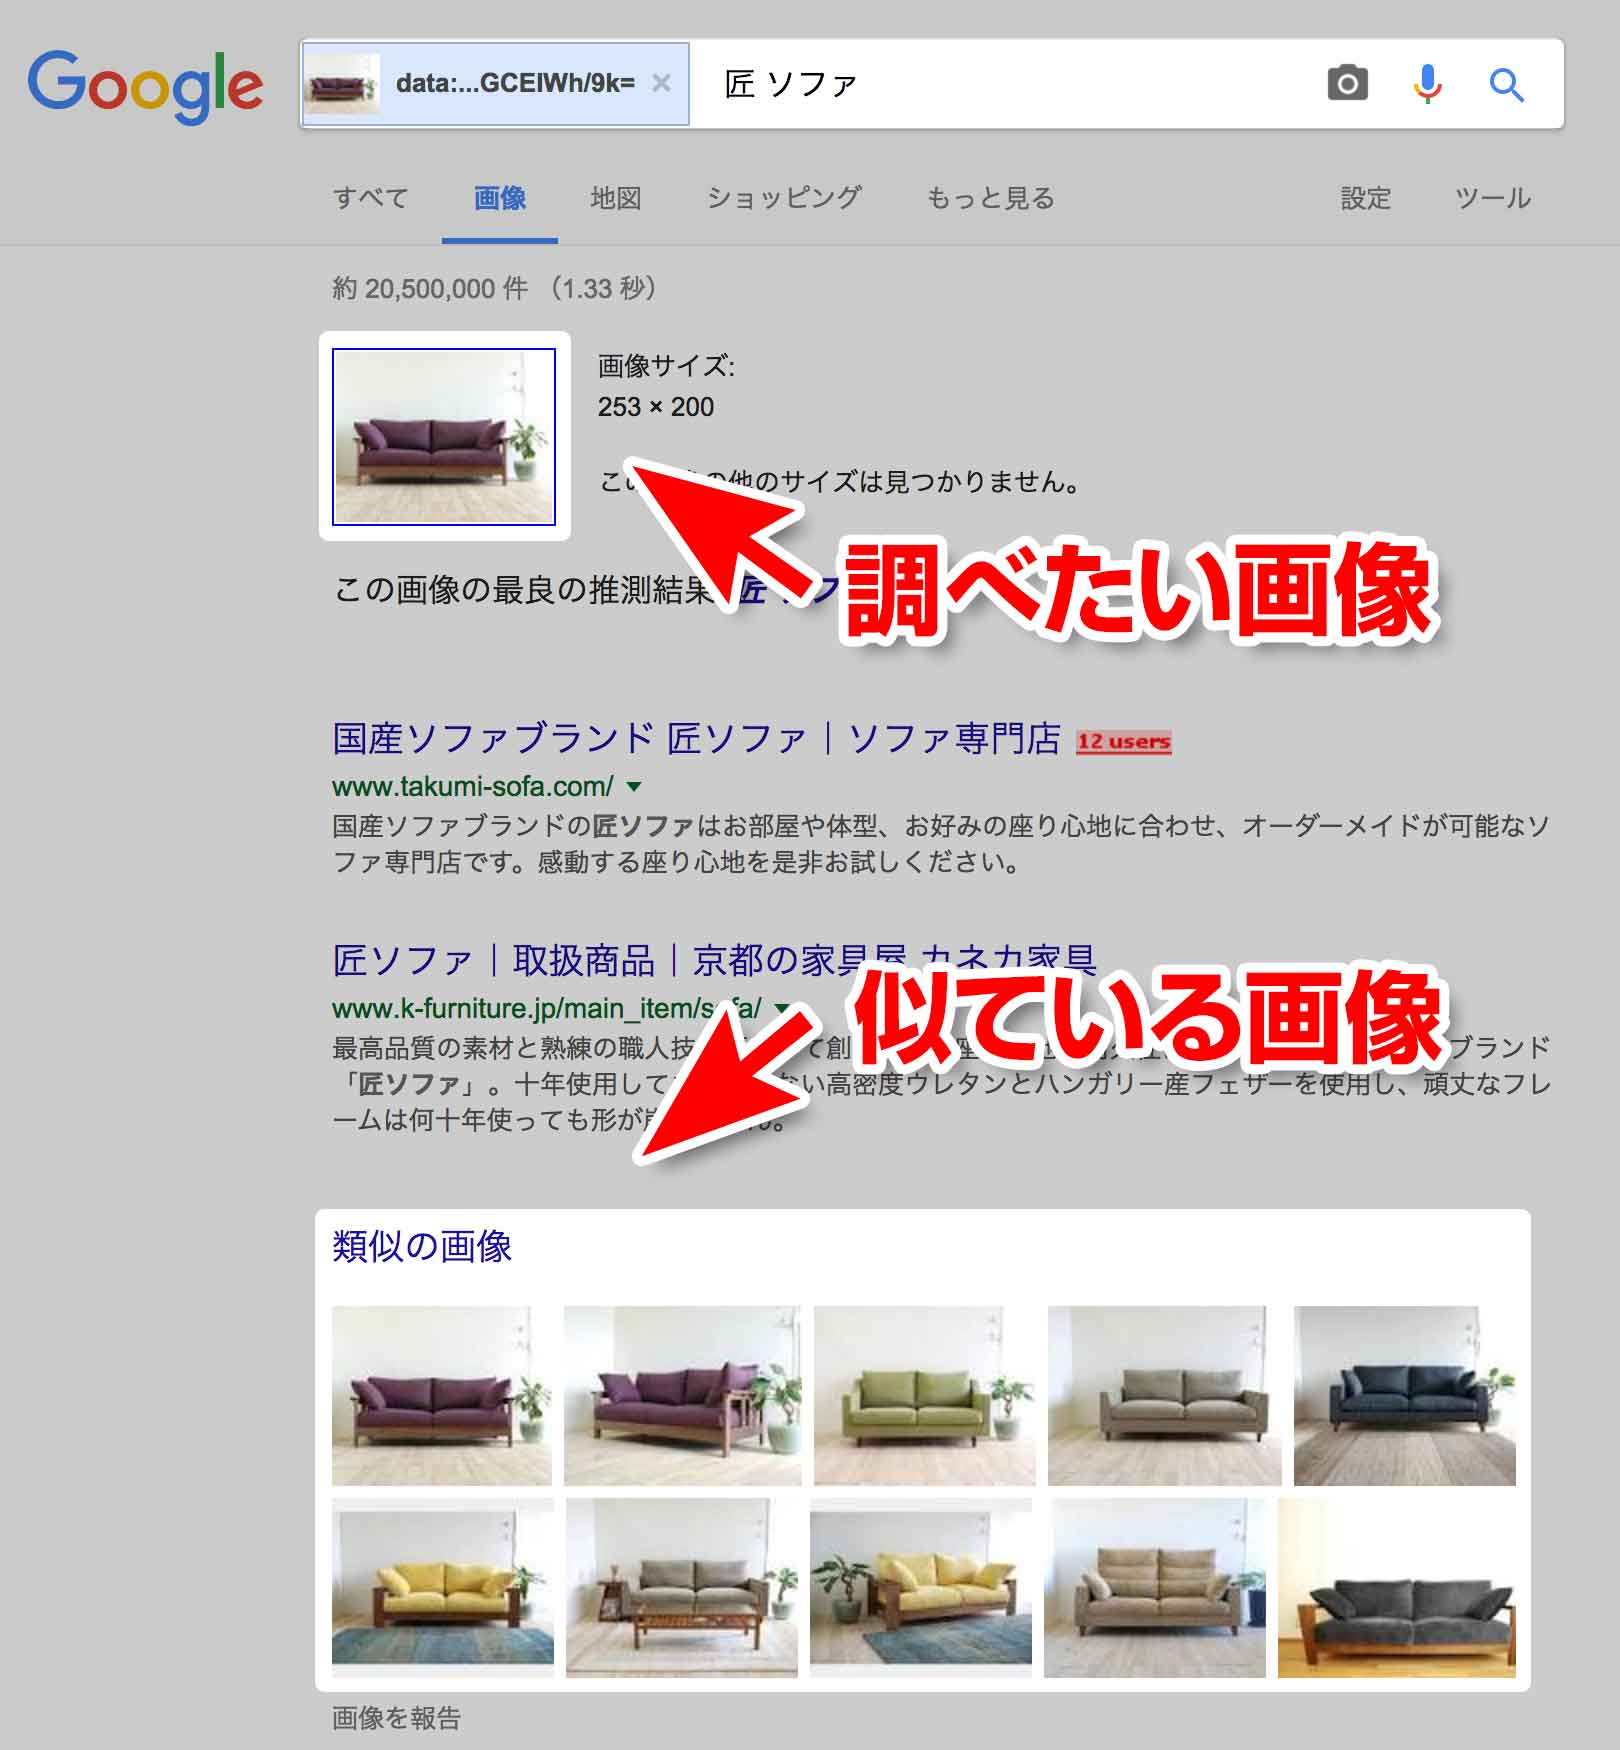 サイト上の似ている画像の検索結果